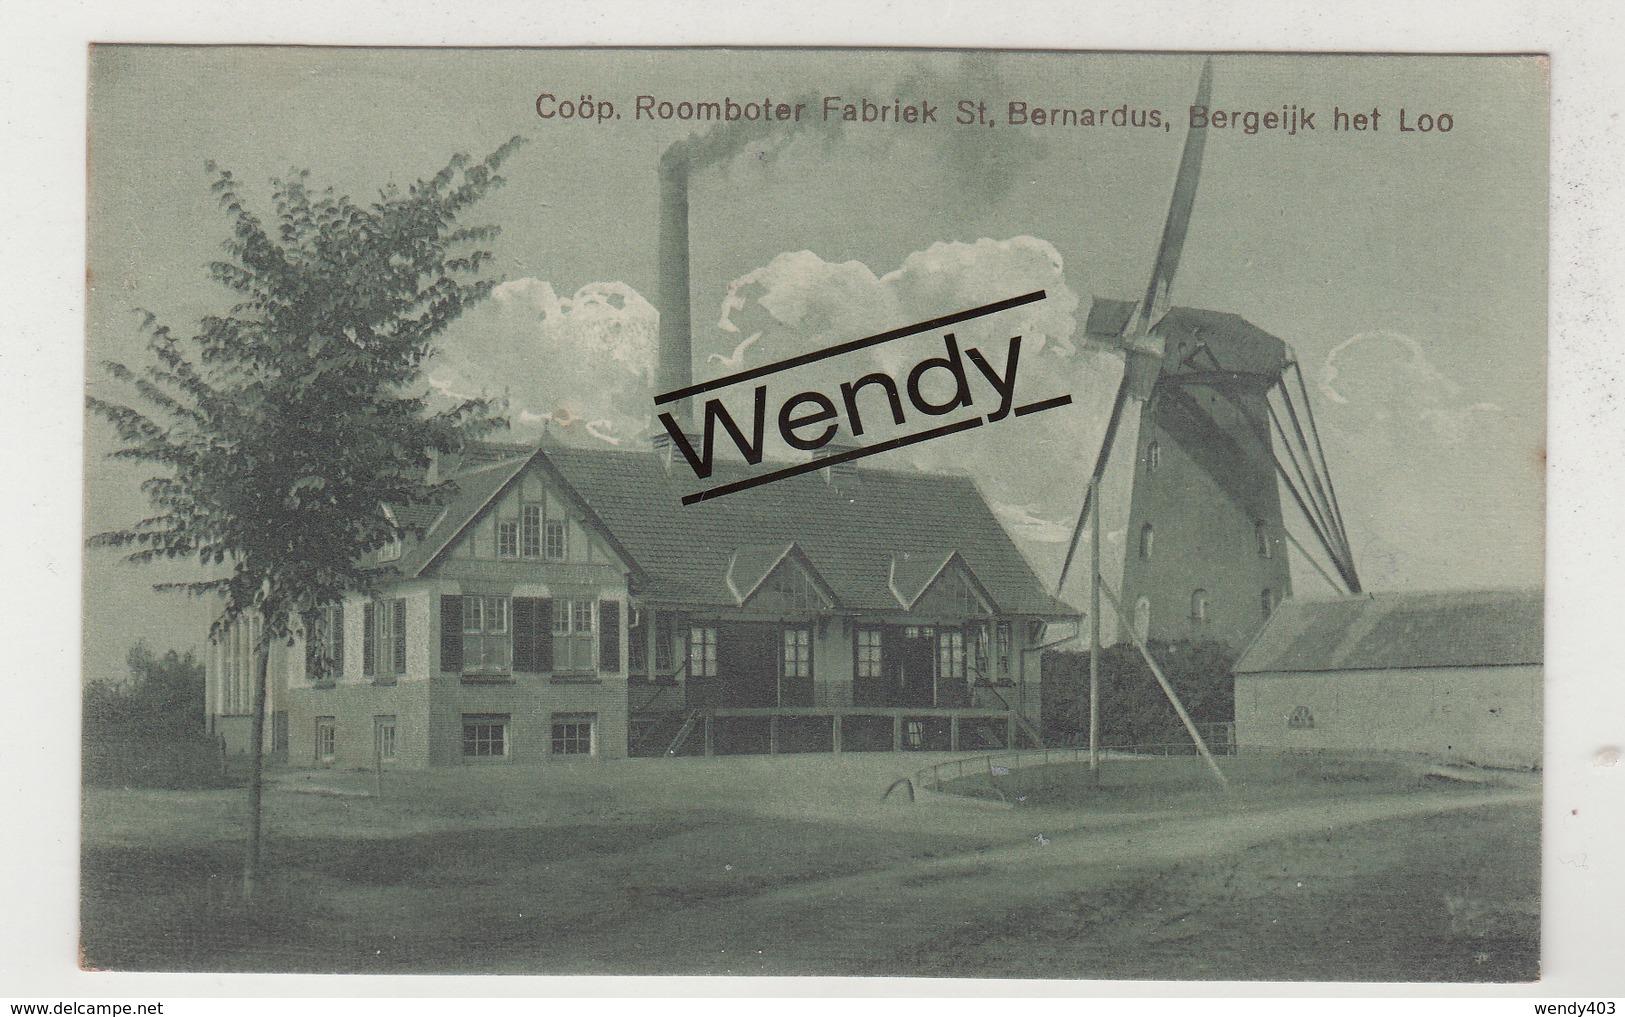 Bergeijk (windmolen - Coöp Roomboterfabriek St. Bernardus) - Netherlands